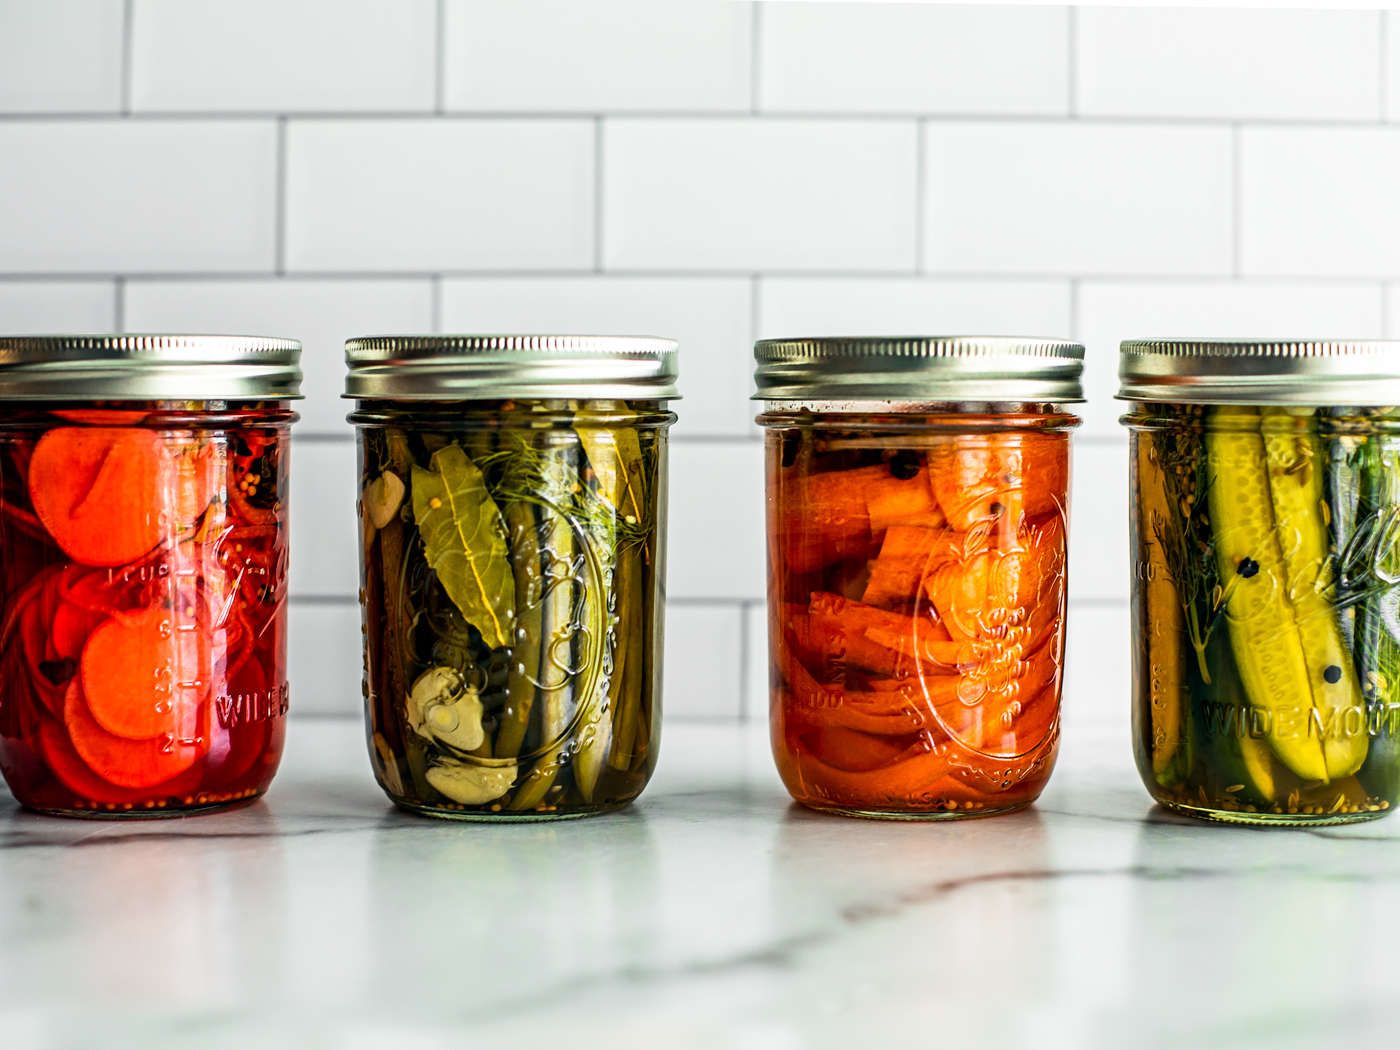 Front shot of jars of quick pickled vegetables lined up.